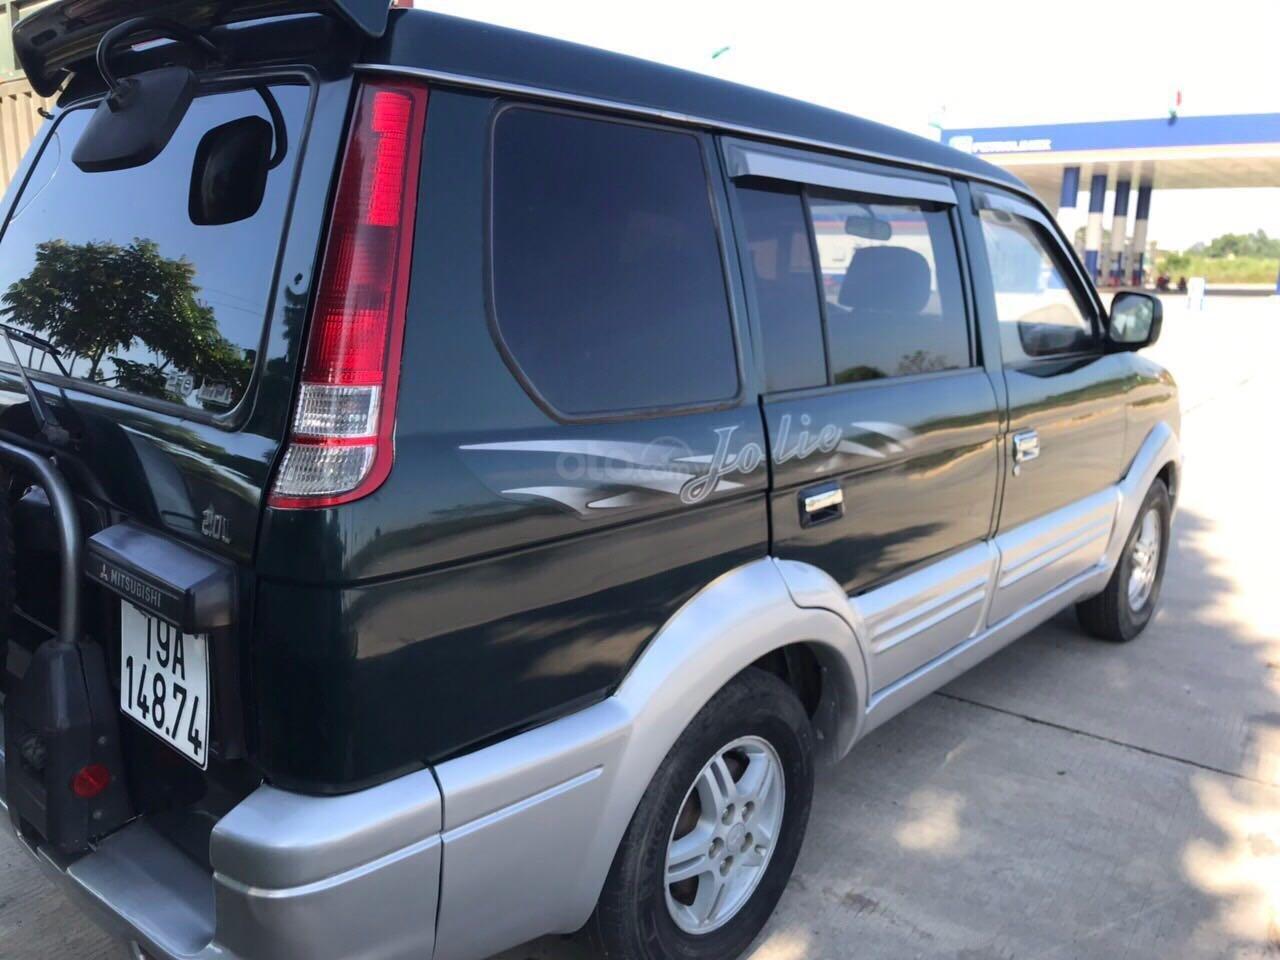 Cần bán gấp Mitsubishi Jolie đăng ký 2003, màu xanh lam, xe nhập, giá chỉ 125 triệu đồng (3)